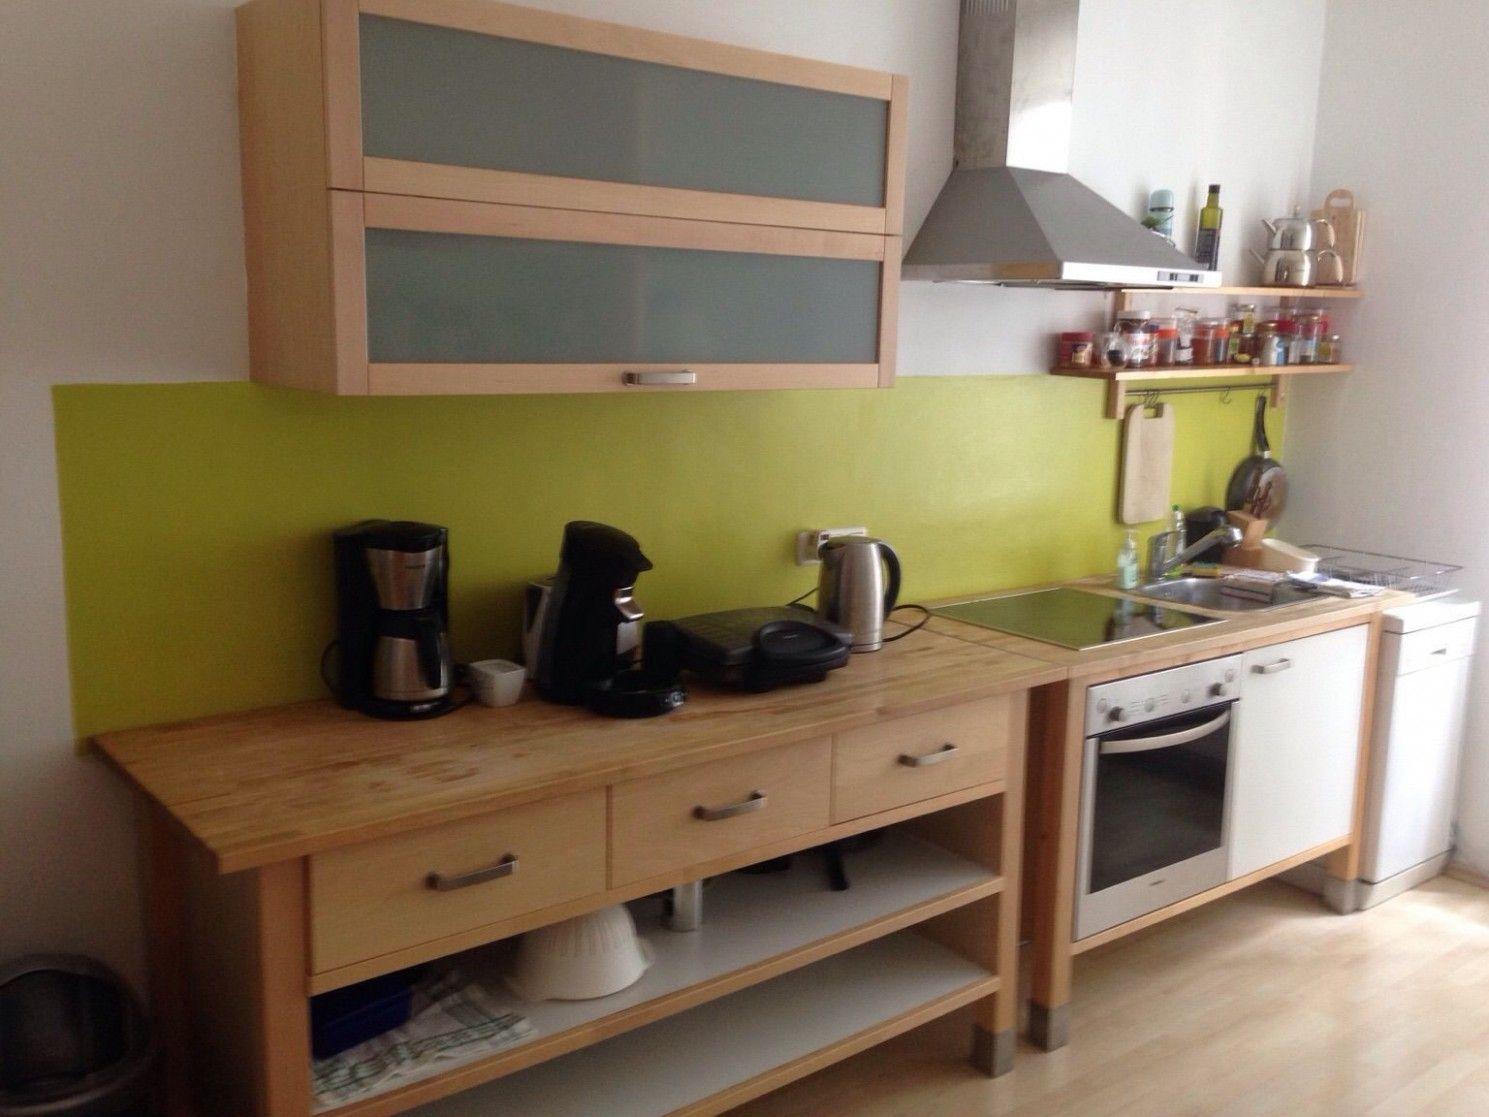 Full Size of Ikea Värde Schrankküche Wahrheit Droben Vrde Kochkunst Wird Enthllt Nel 2020 Küche Kosten Sofa Mit Schlaffunktion Miniküche Modulküche Betten Bei Kaufen Wohnzimmer Ikea Värde Schrankküche